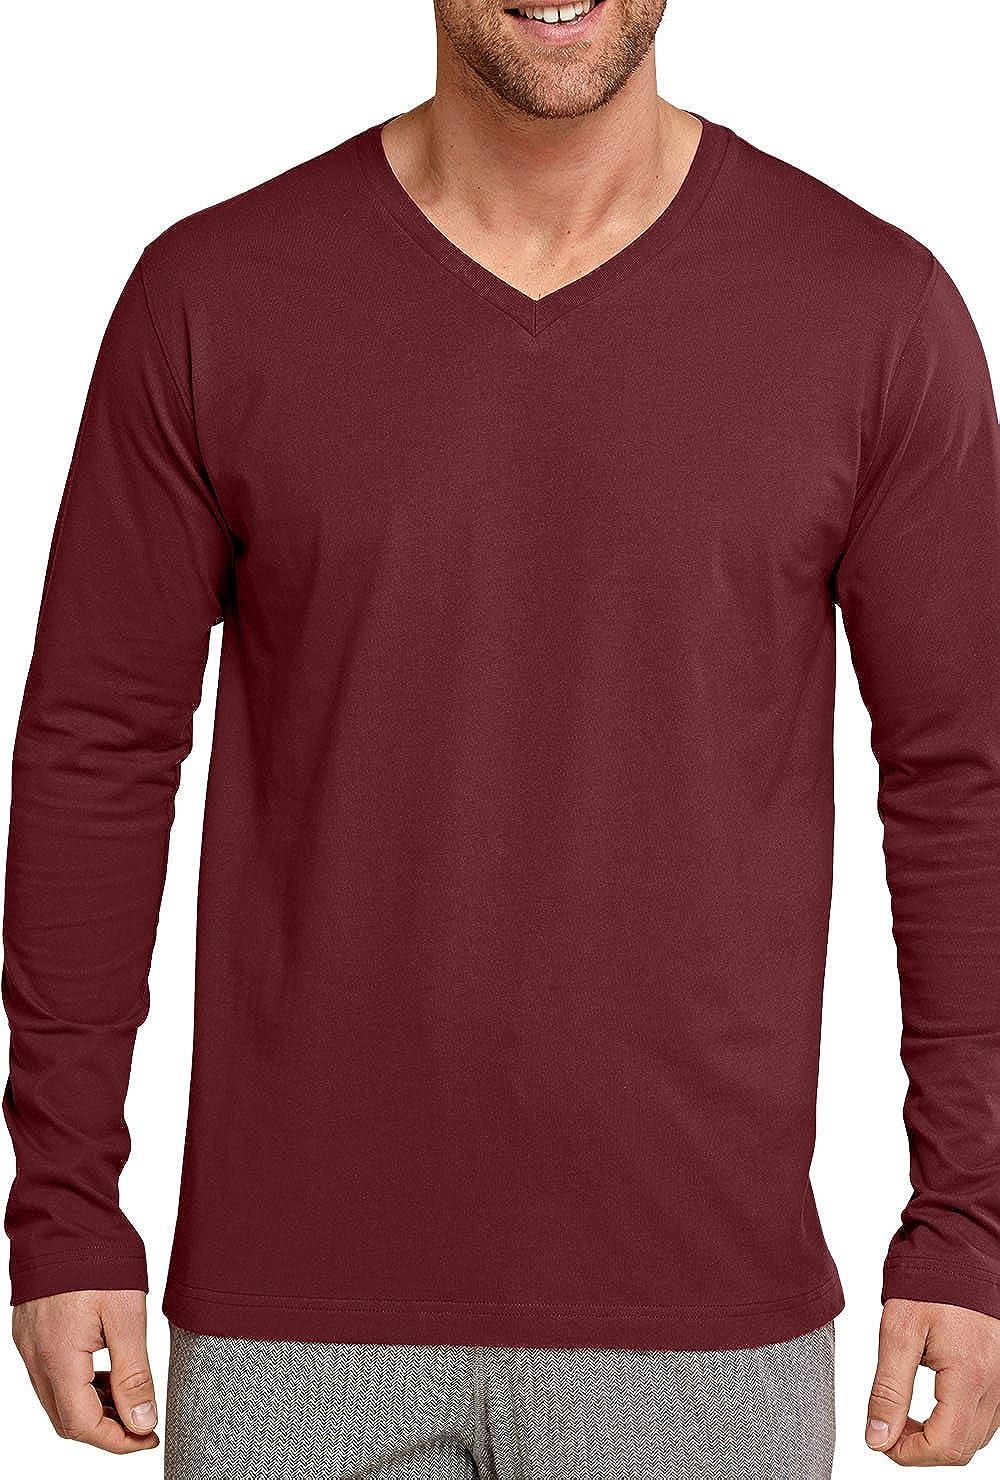 Schiesser Mix /& Relax Langarm-Shirt Herren